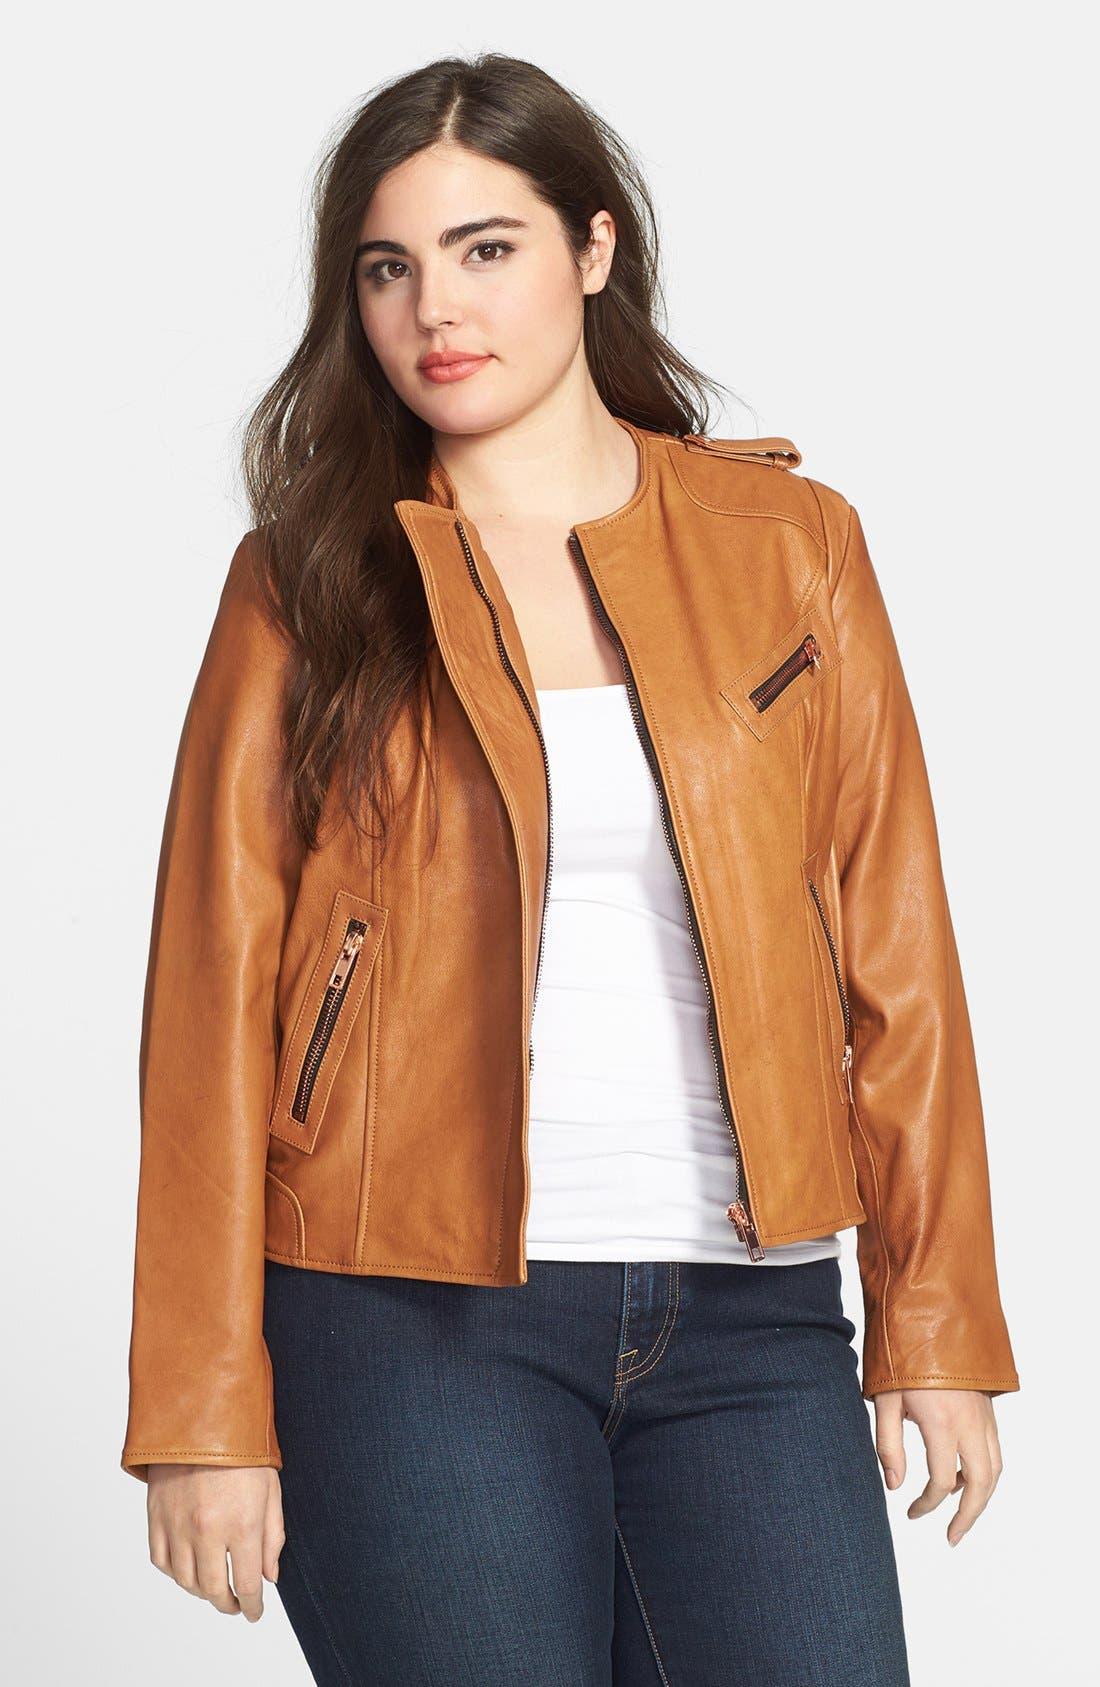 Alternate Image 1 Selected - John Carlisle Leather Moto Jacket (Plus Size)